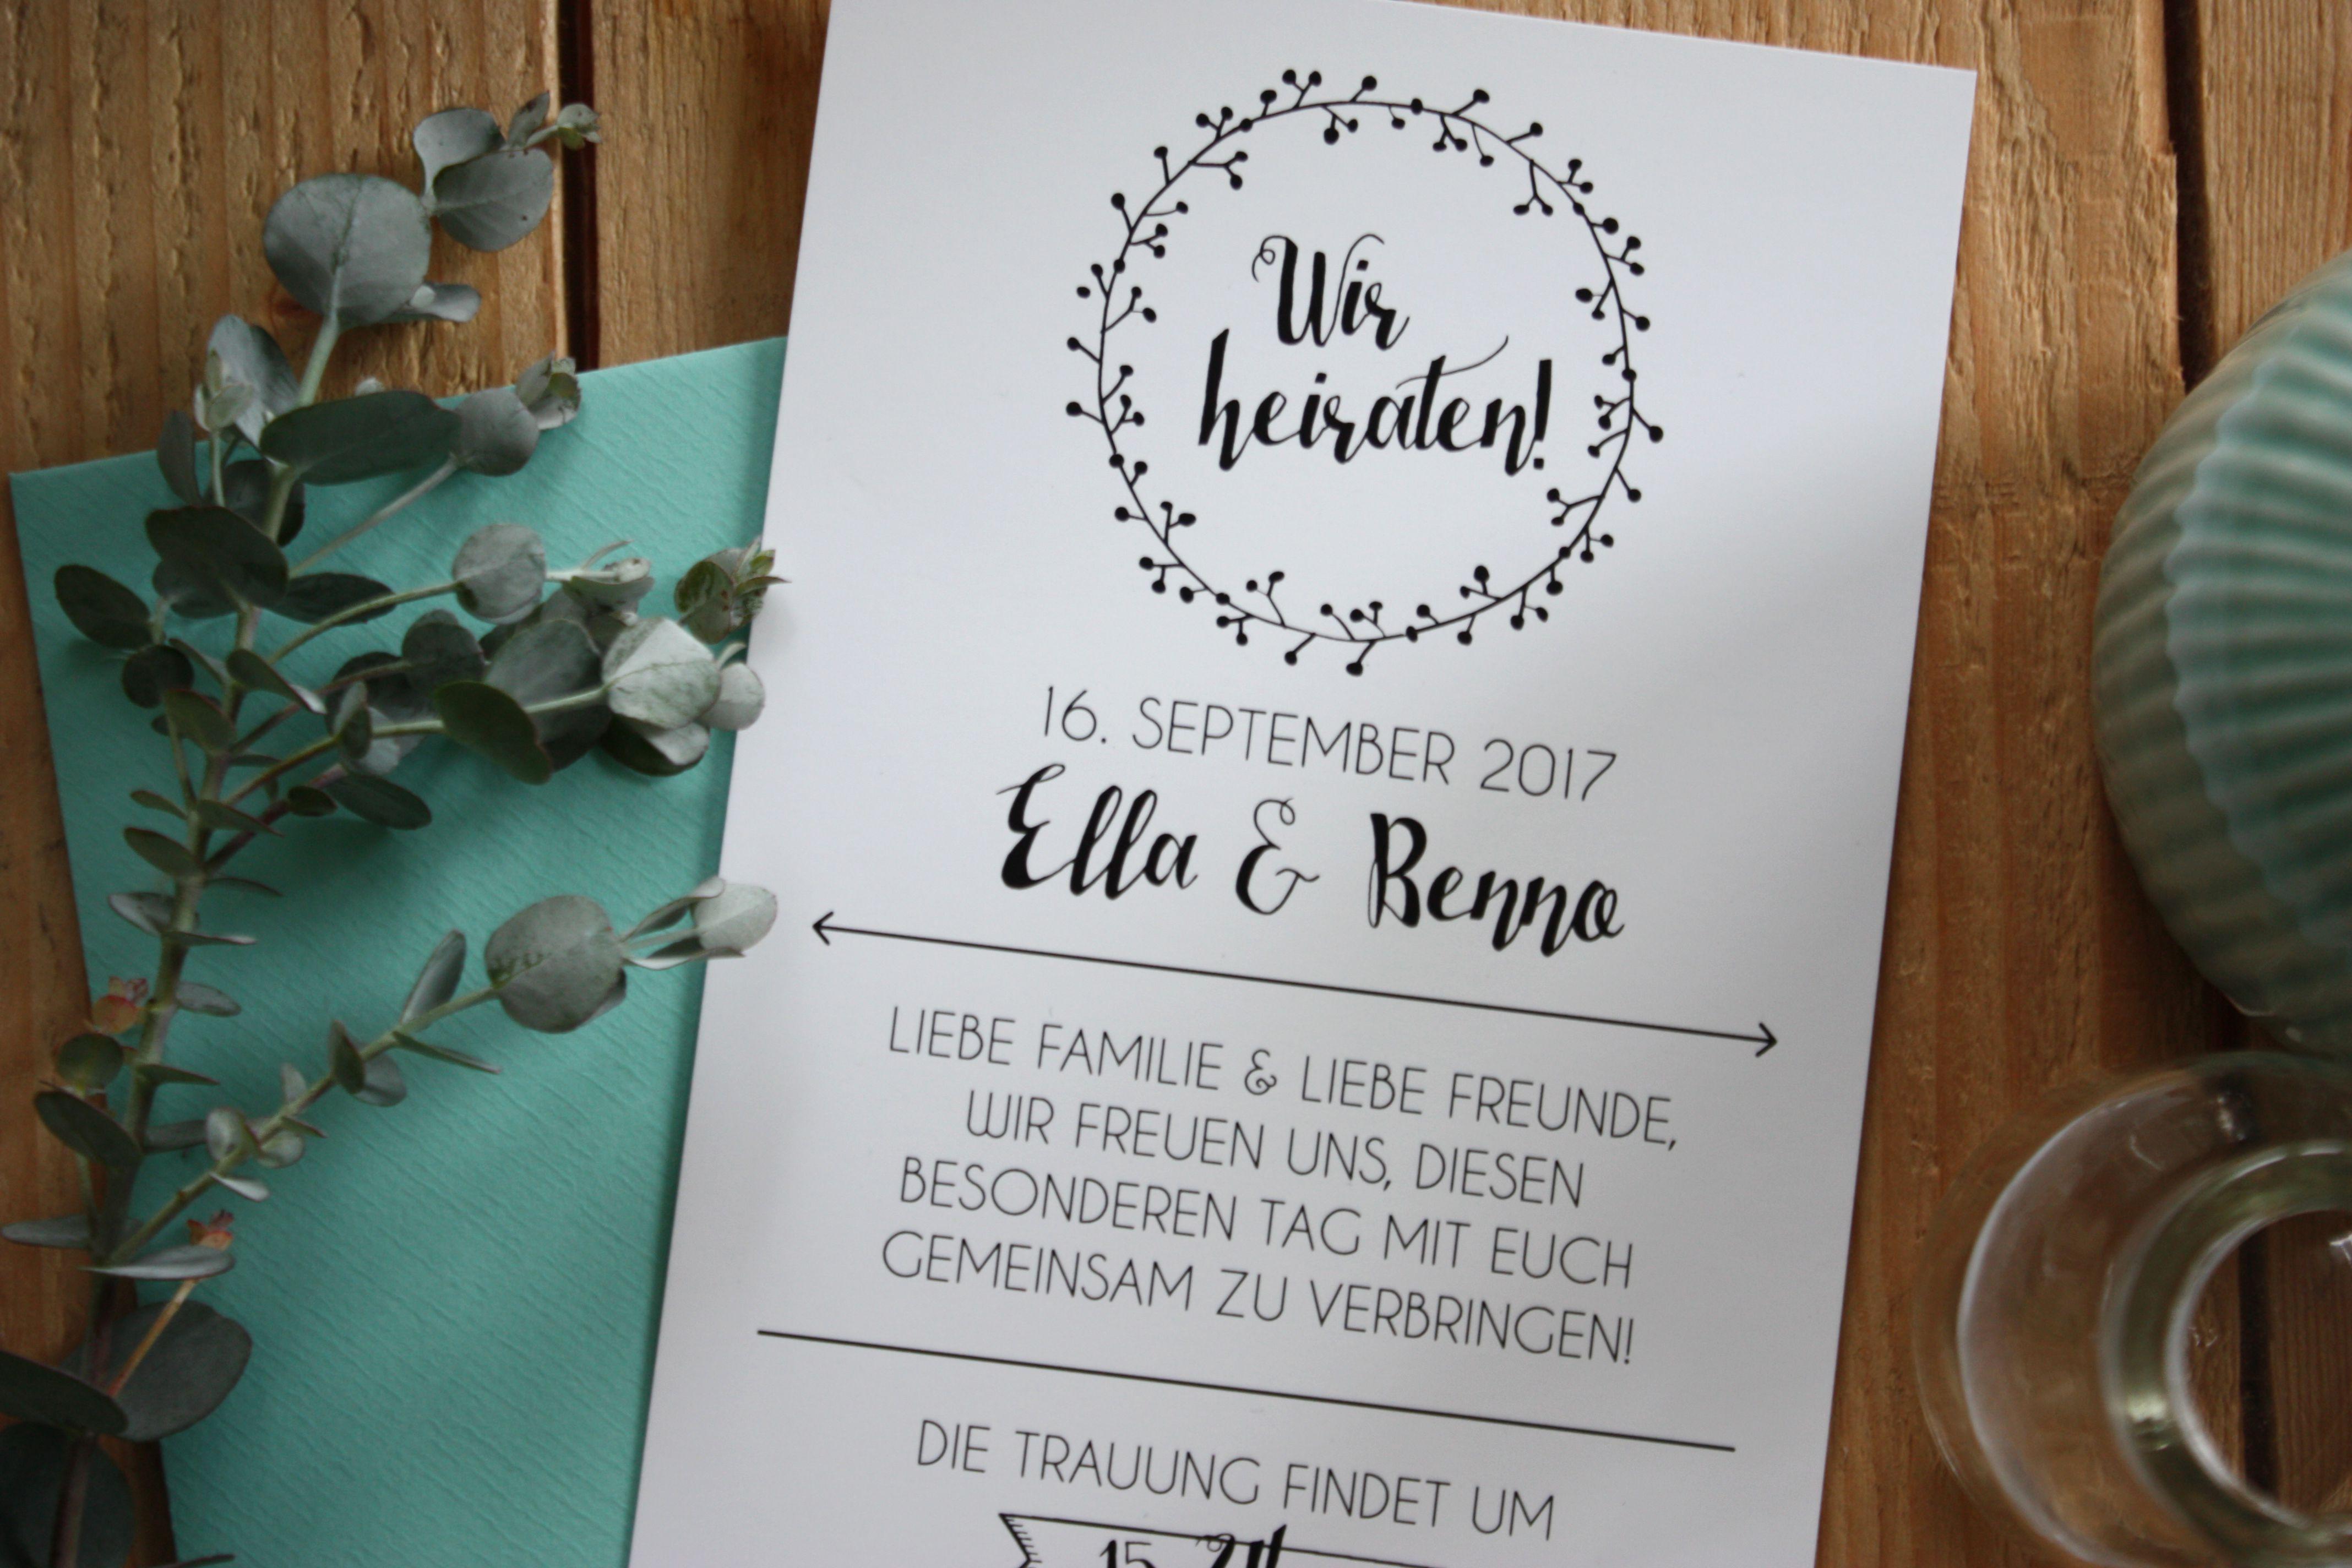 Dankeskarte Hochzeit Text  Hochzeit Dankeskarten Text Dankeskarten Hochzeit Text